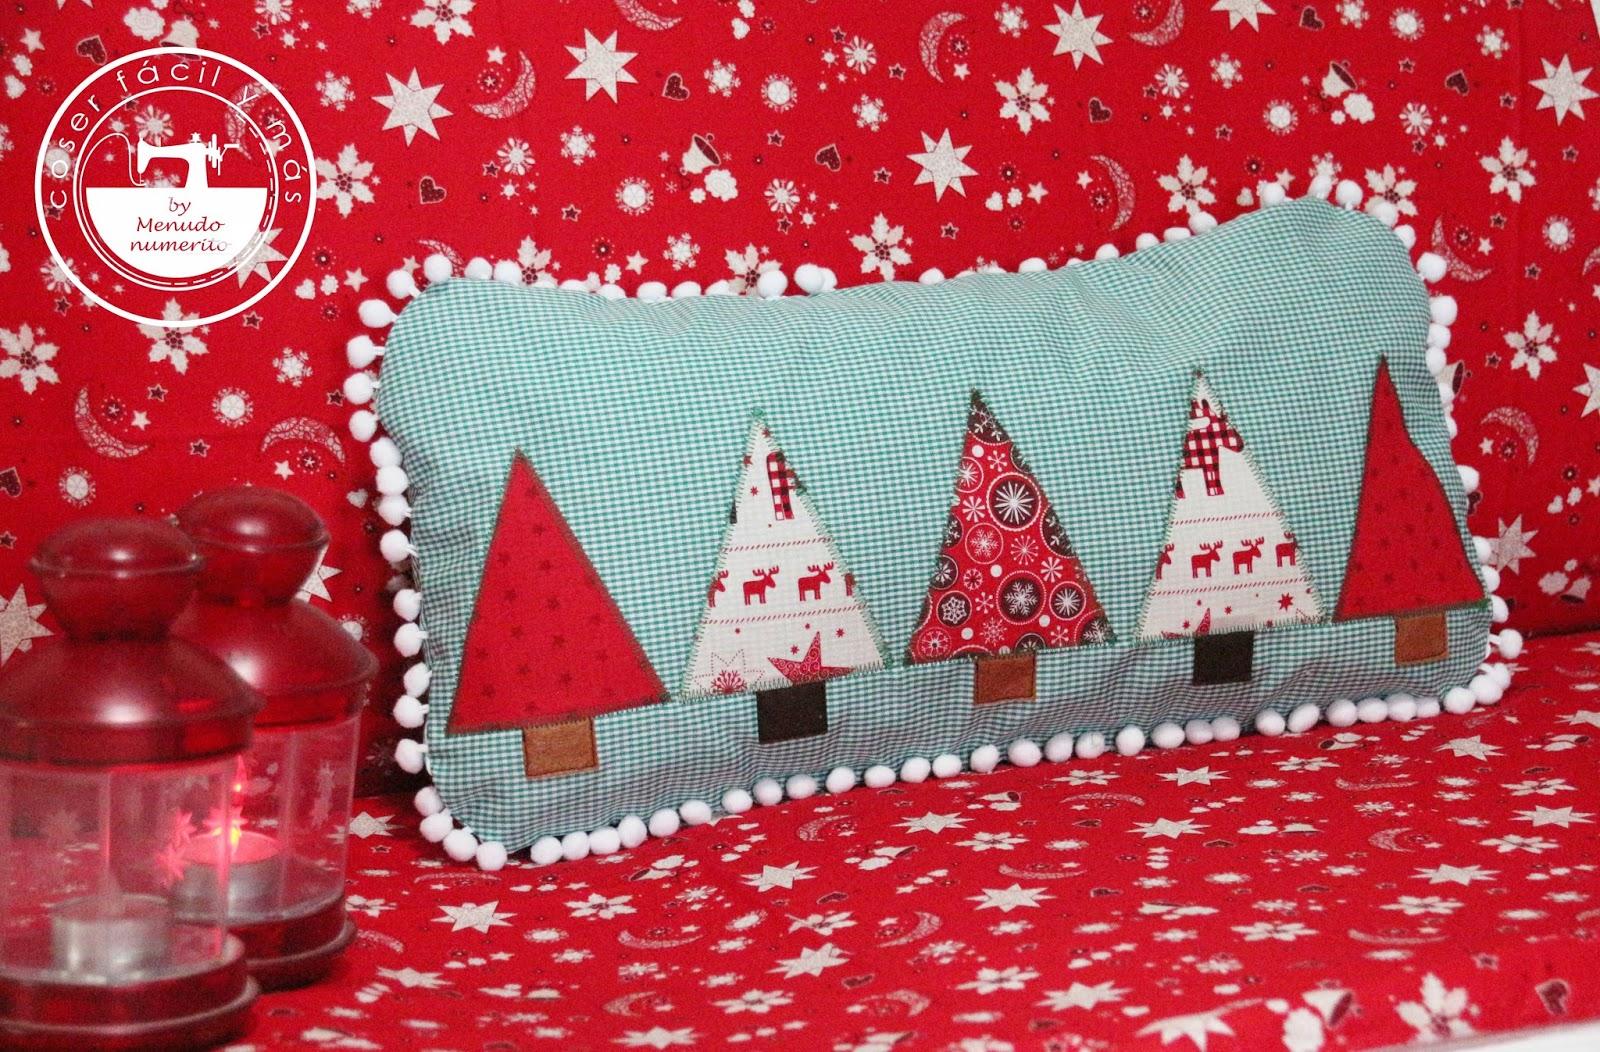 Cojines Navidad Manualidades.Ideas Para Navidad Cojin Con Aplicaciones En Tela Handbox